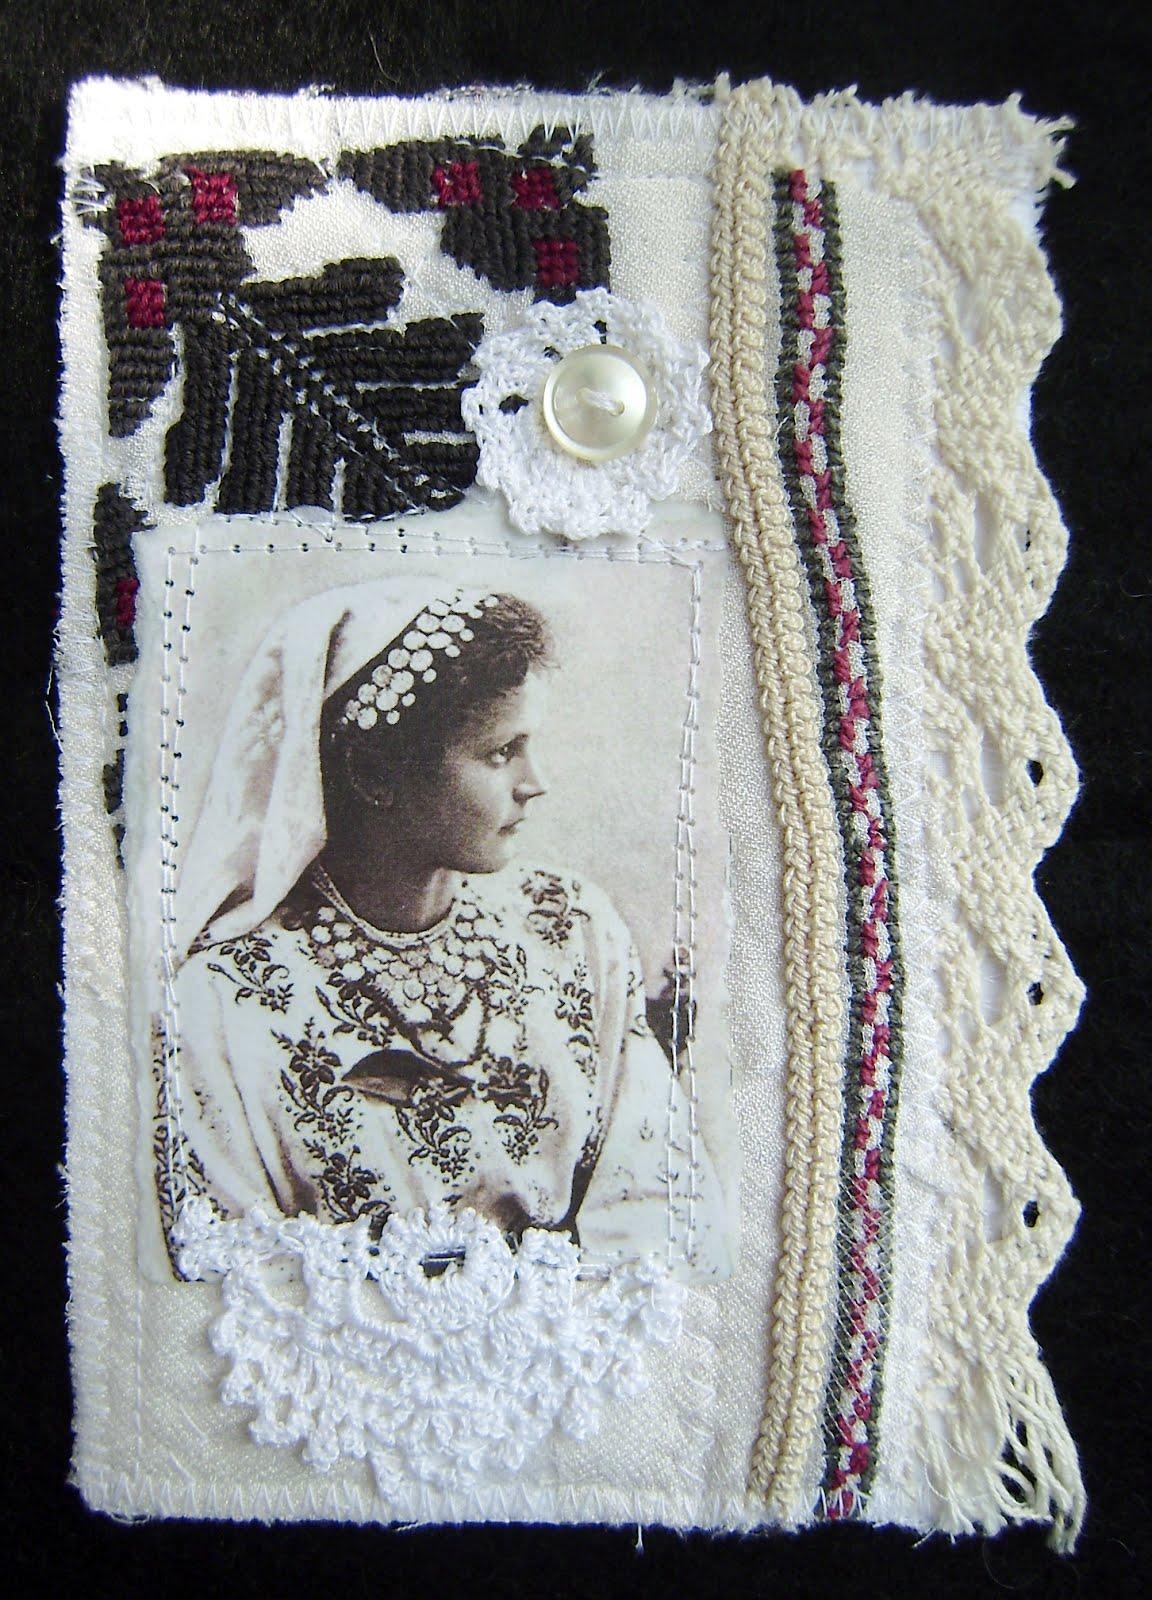 Textil cards